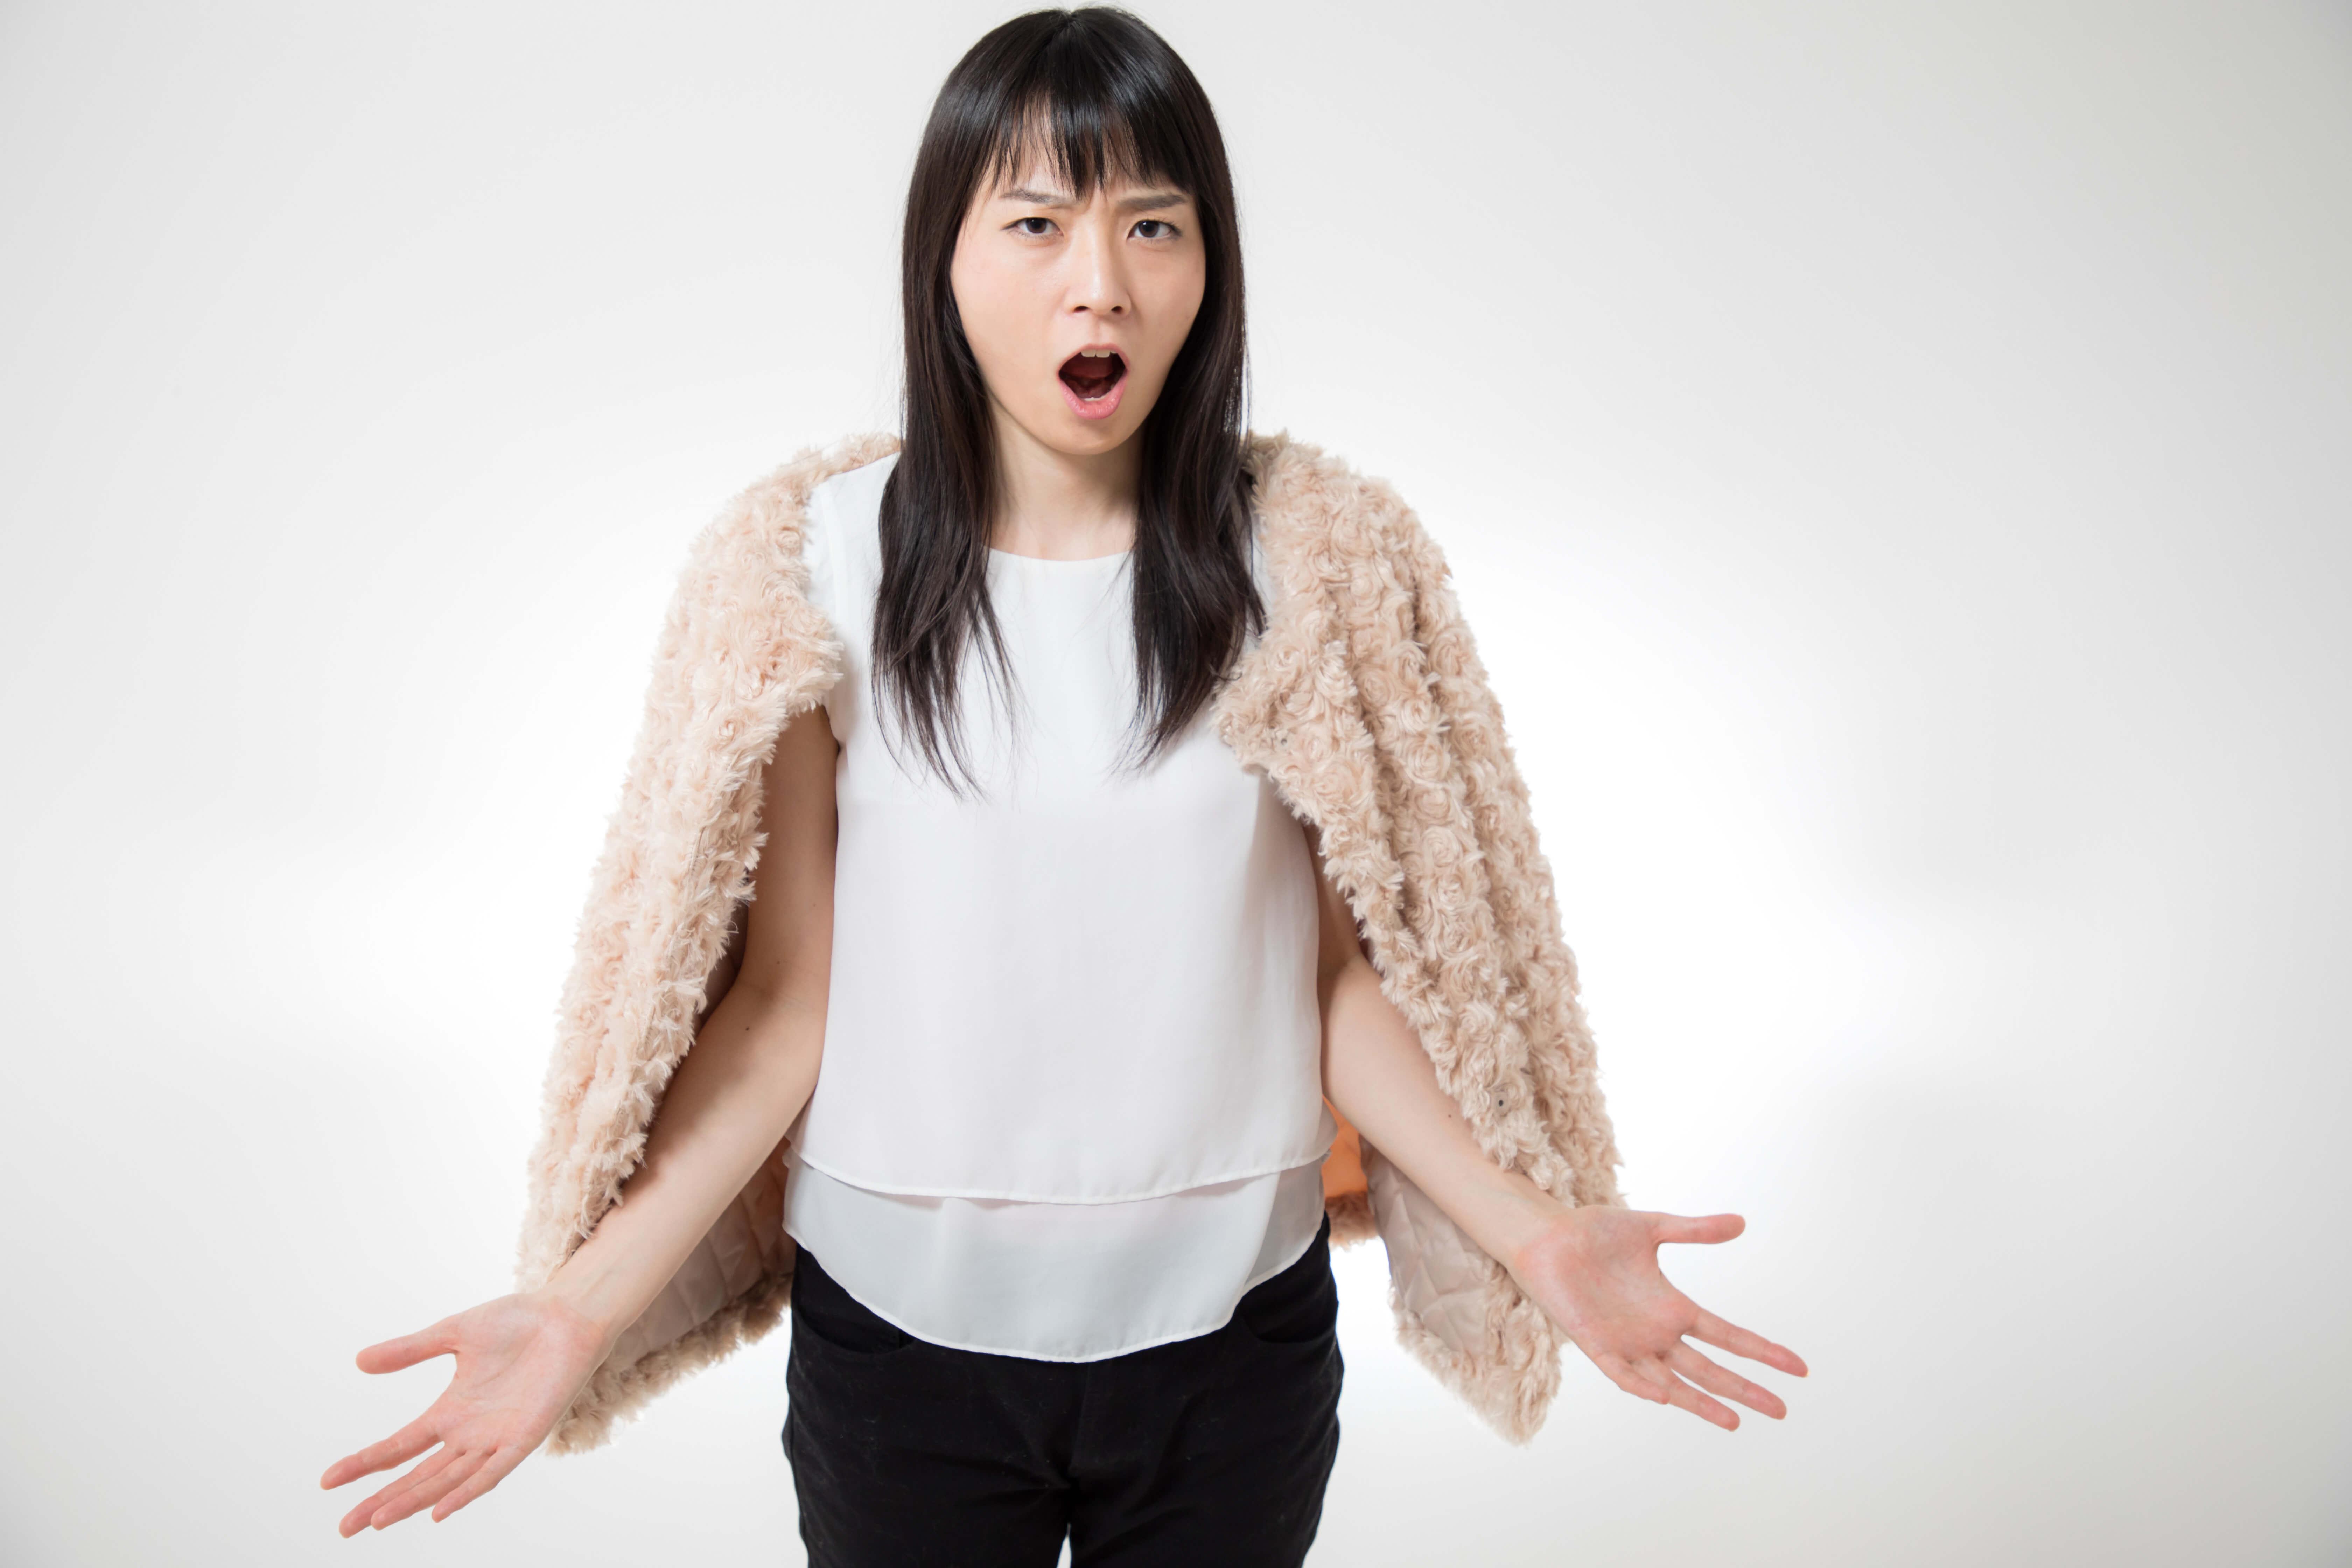 話題の「水かけ姫」チョヒョンミン氏とは?パワハラで揺れる韓国